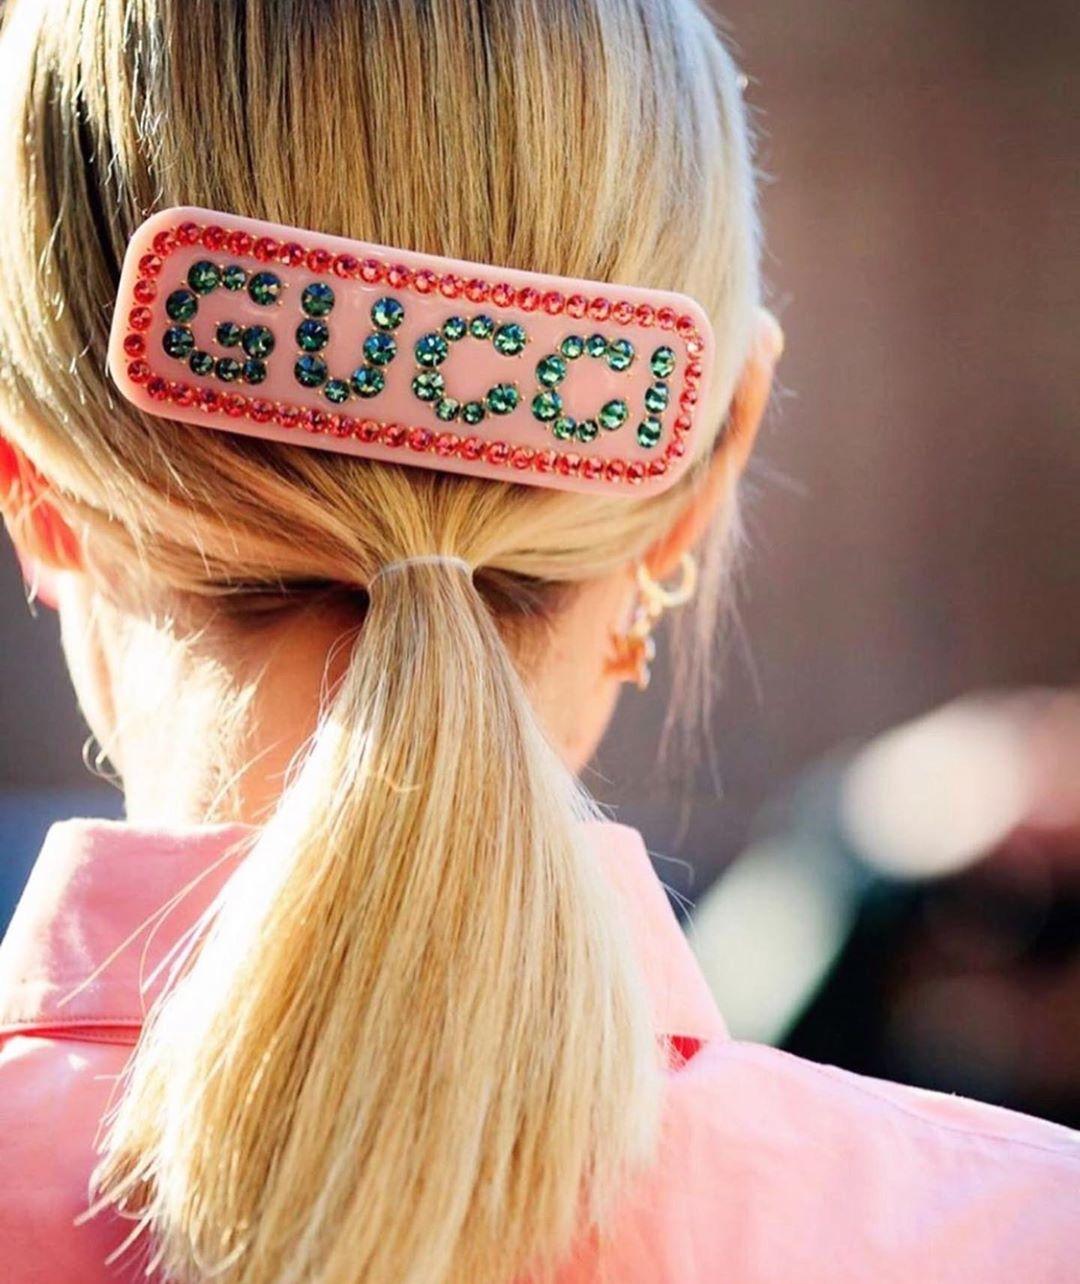 Gucci hairclip